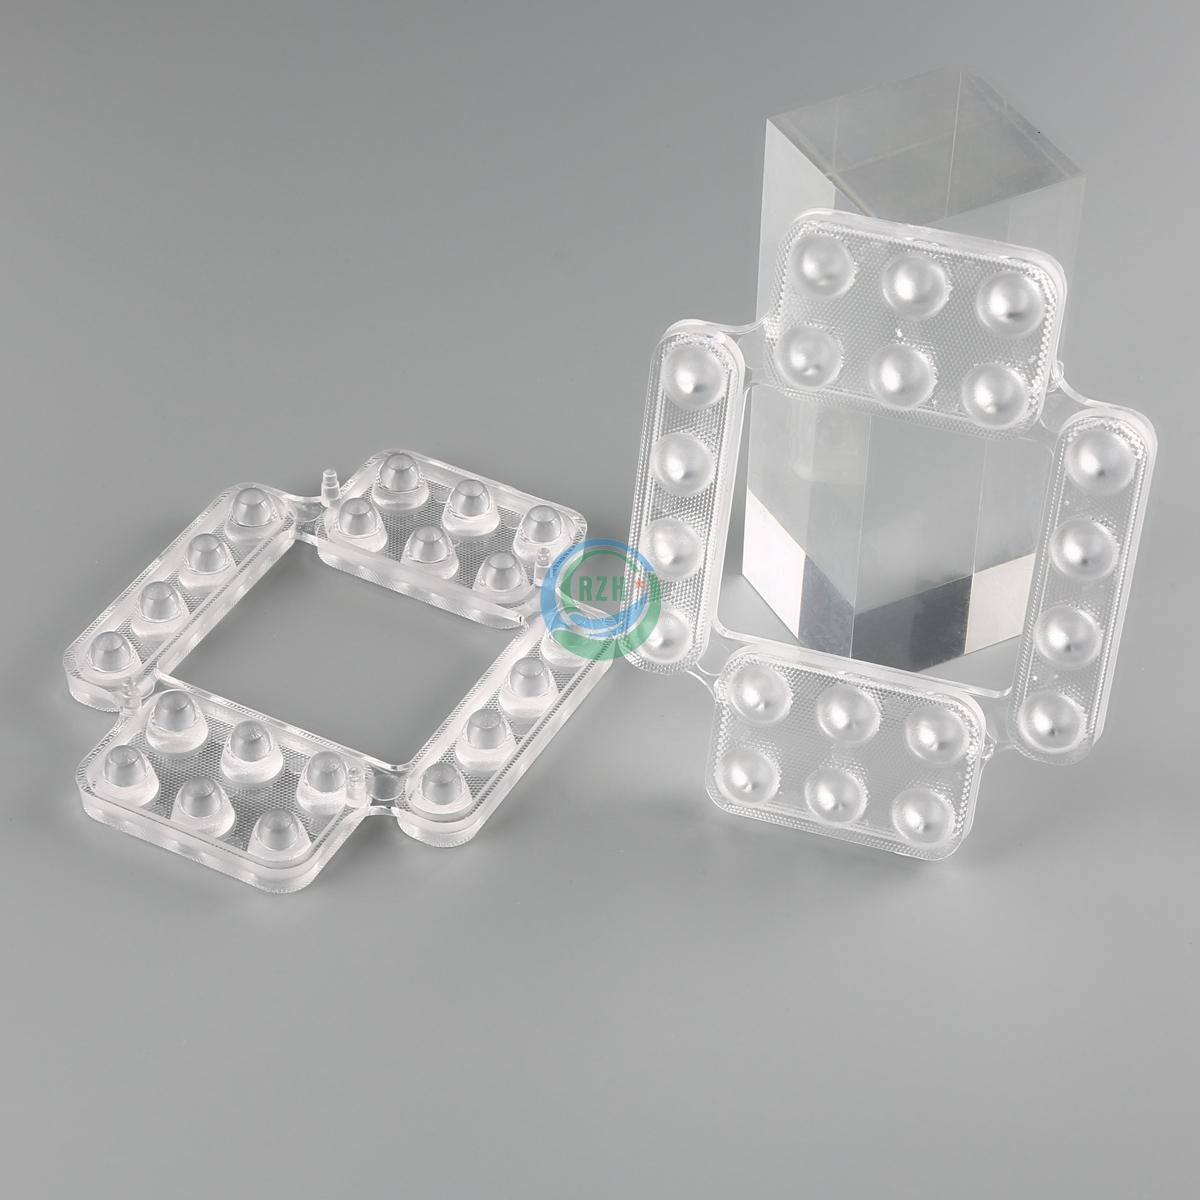 紅外透鏡 消費類系列:RZH-20 IN 1 -90 (3030)